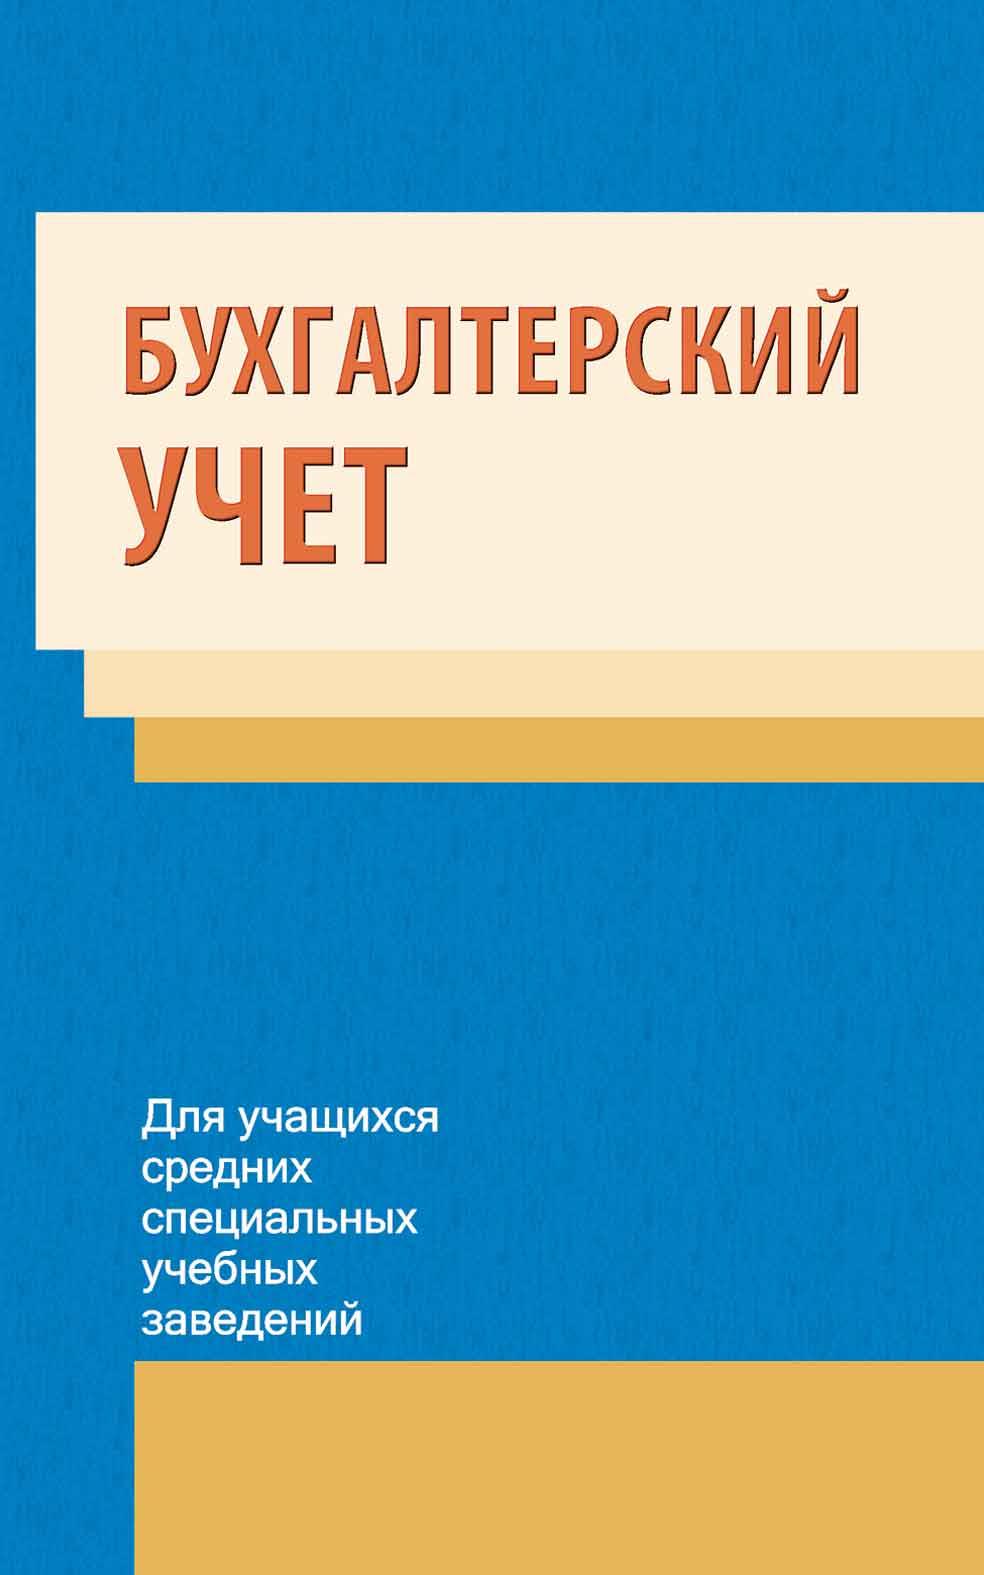 цена на Коллектив авторов Бухгалтерский учет